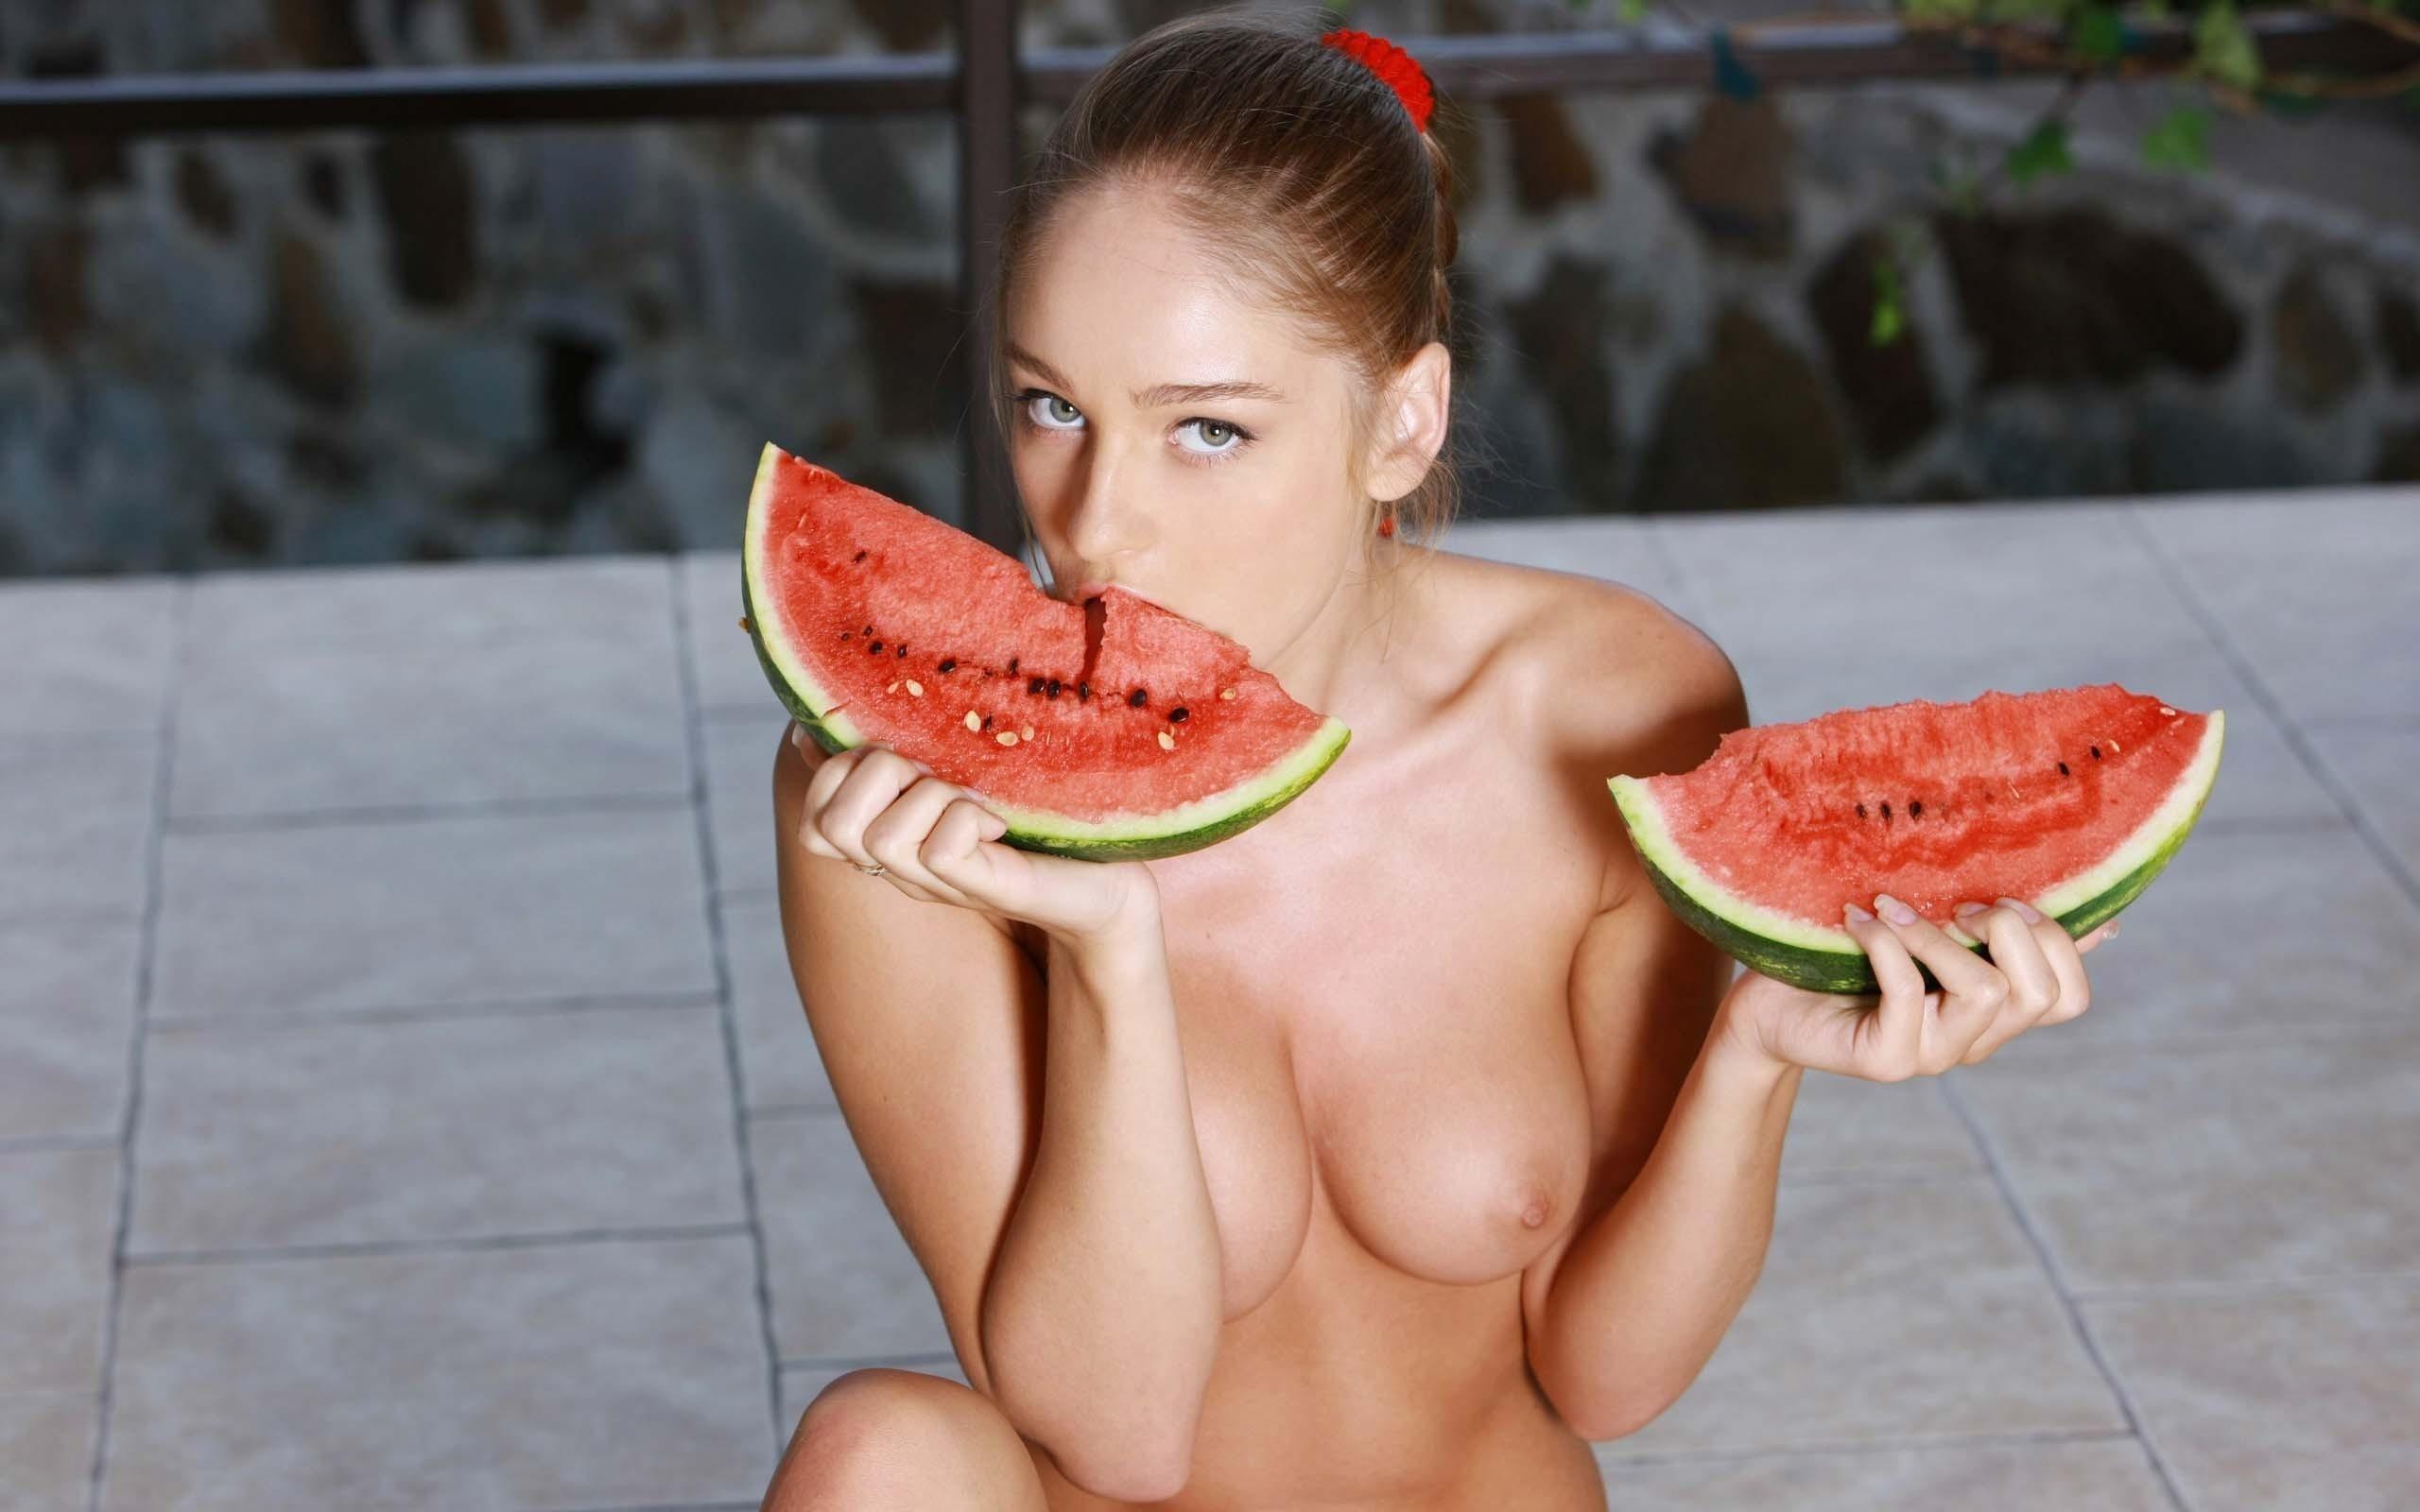 water-melon-nude-sex-rachel-roxxx-dildo-in-ass